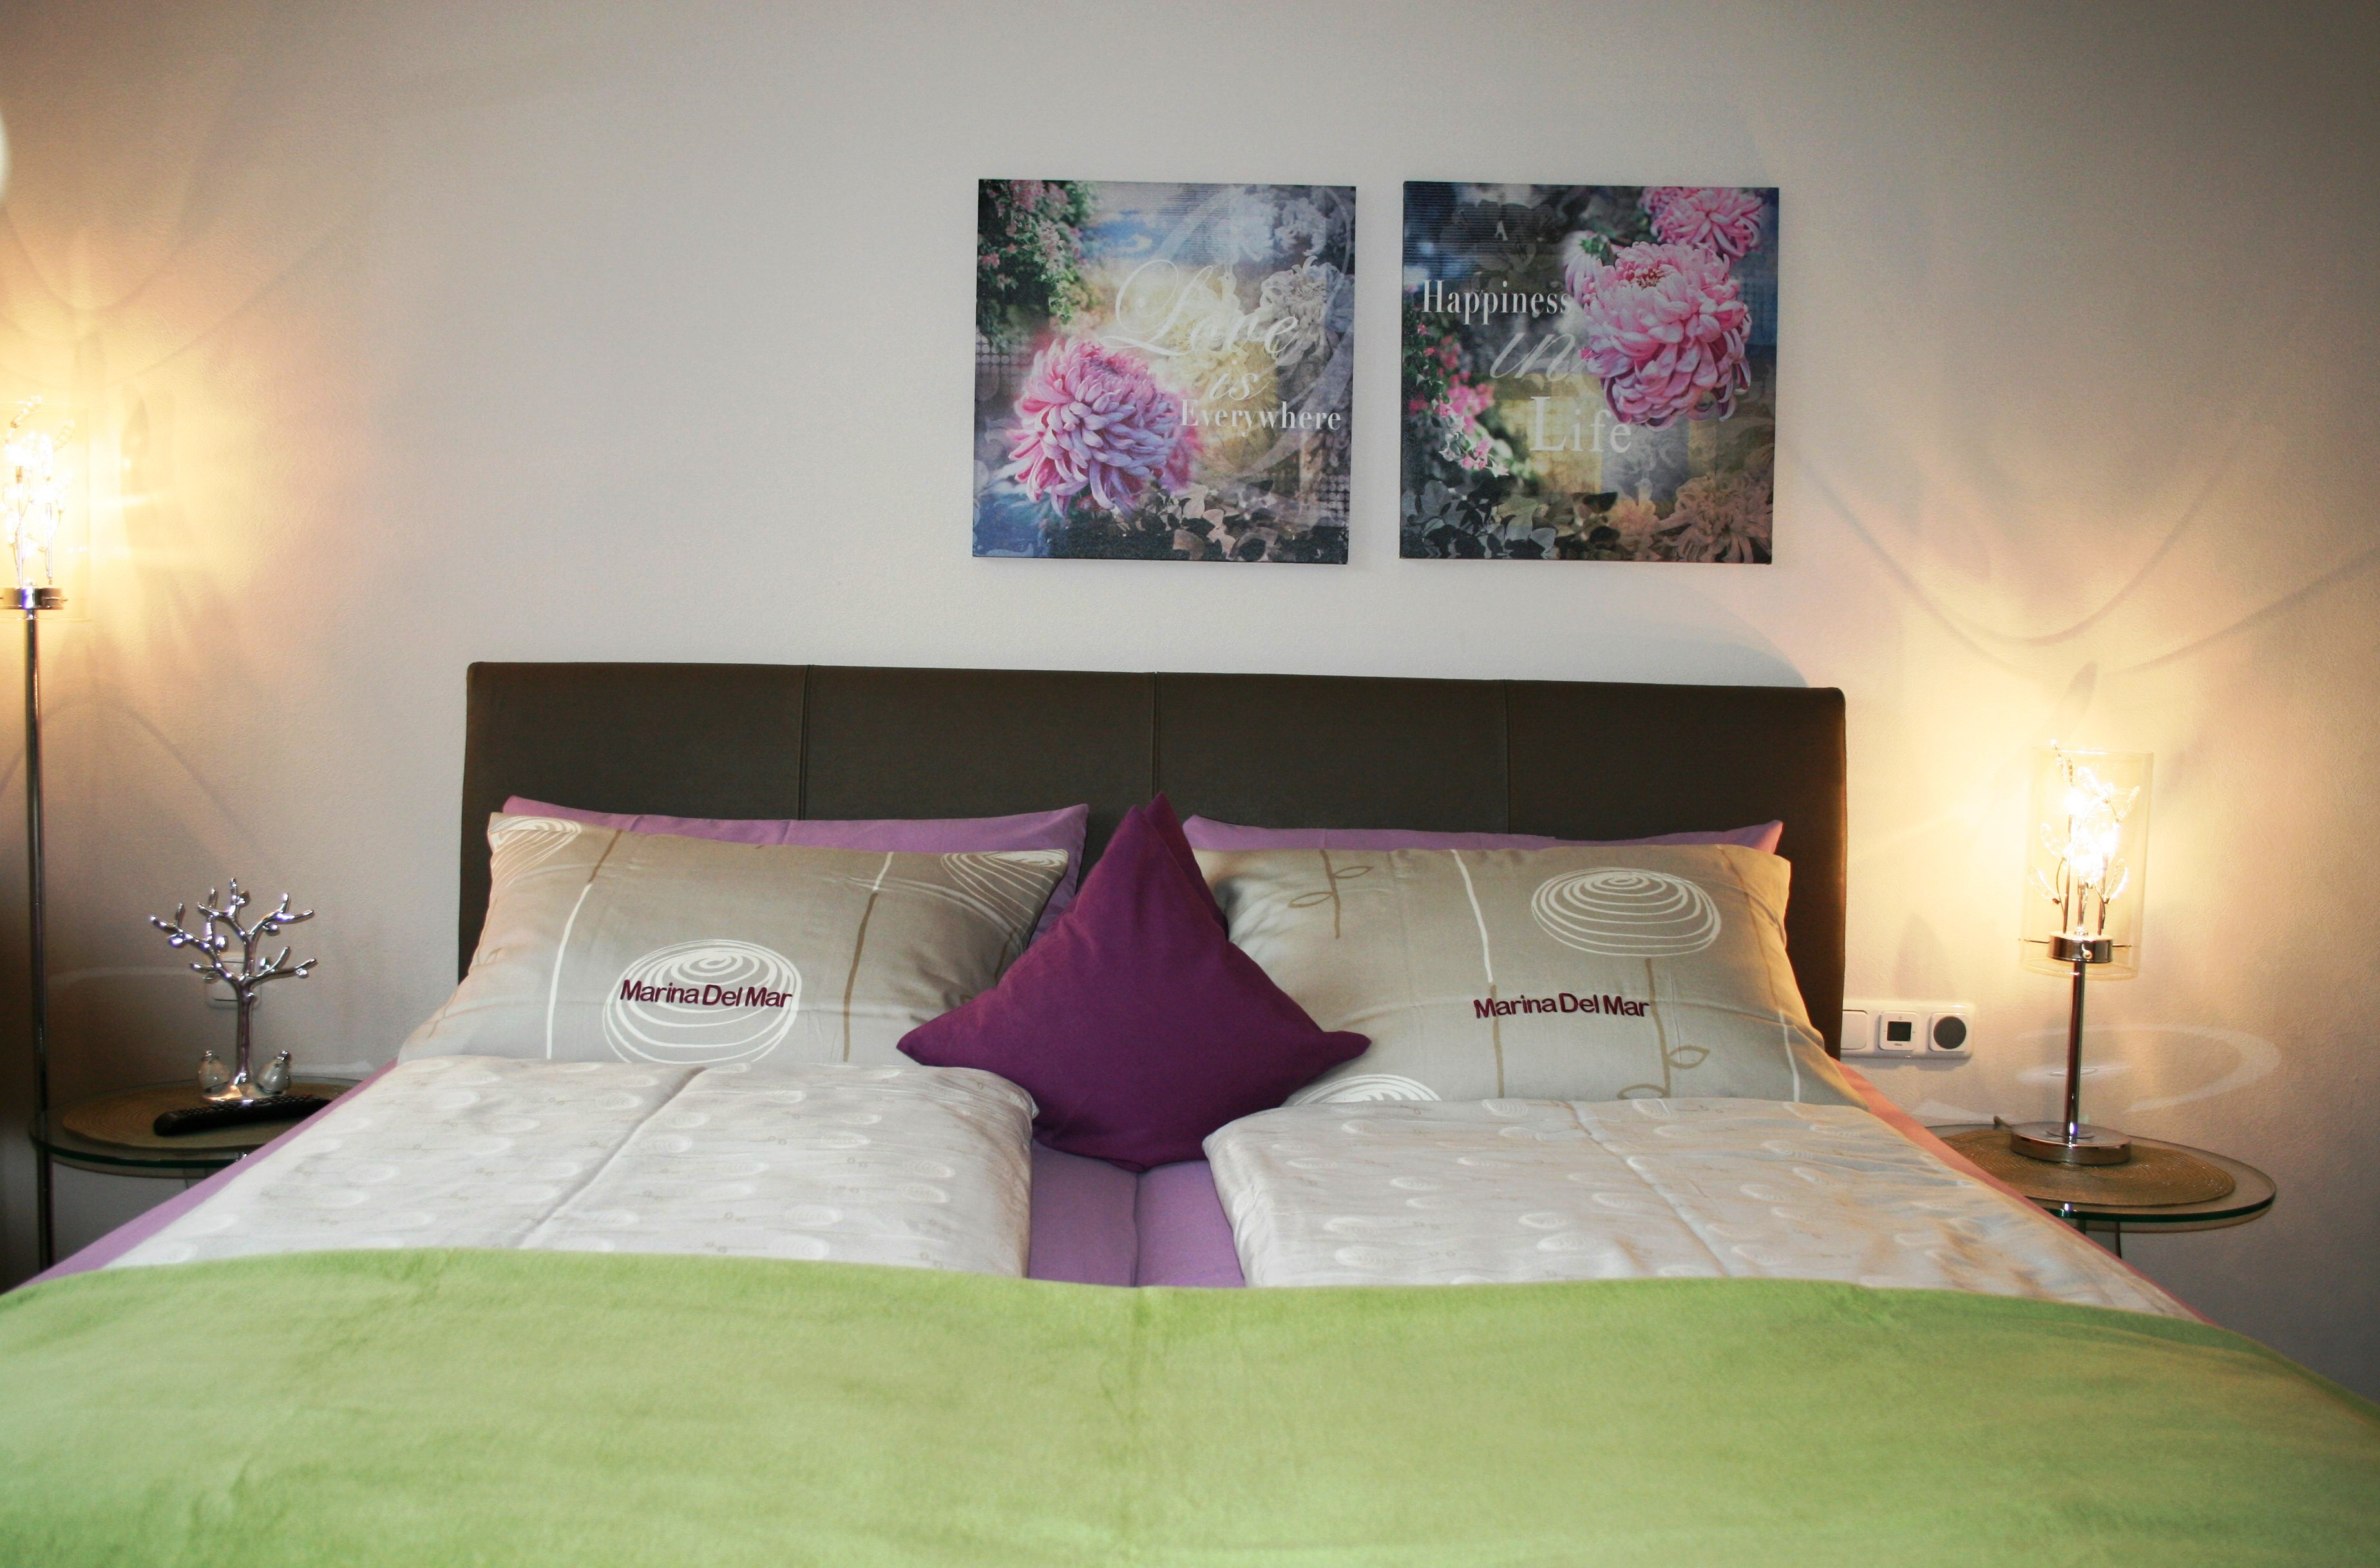 Bett Front mit Decke